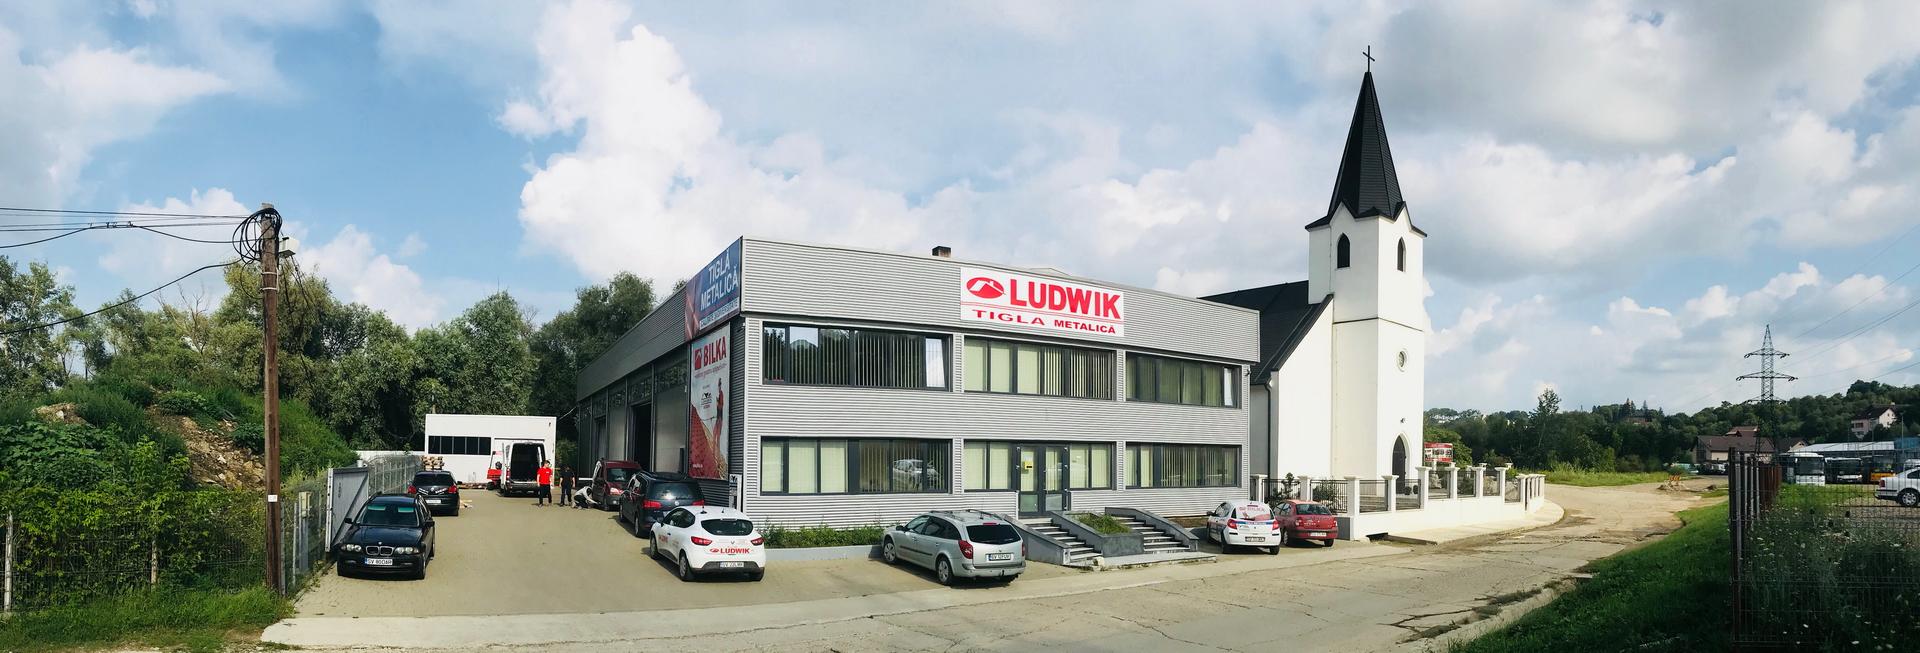 Ludwk Profil Suceava